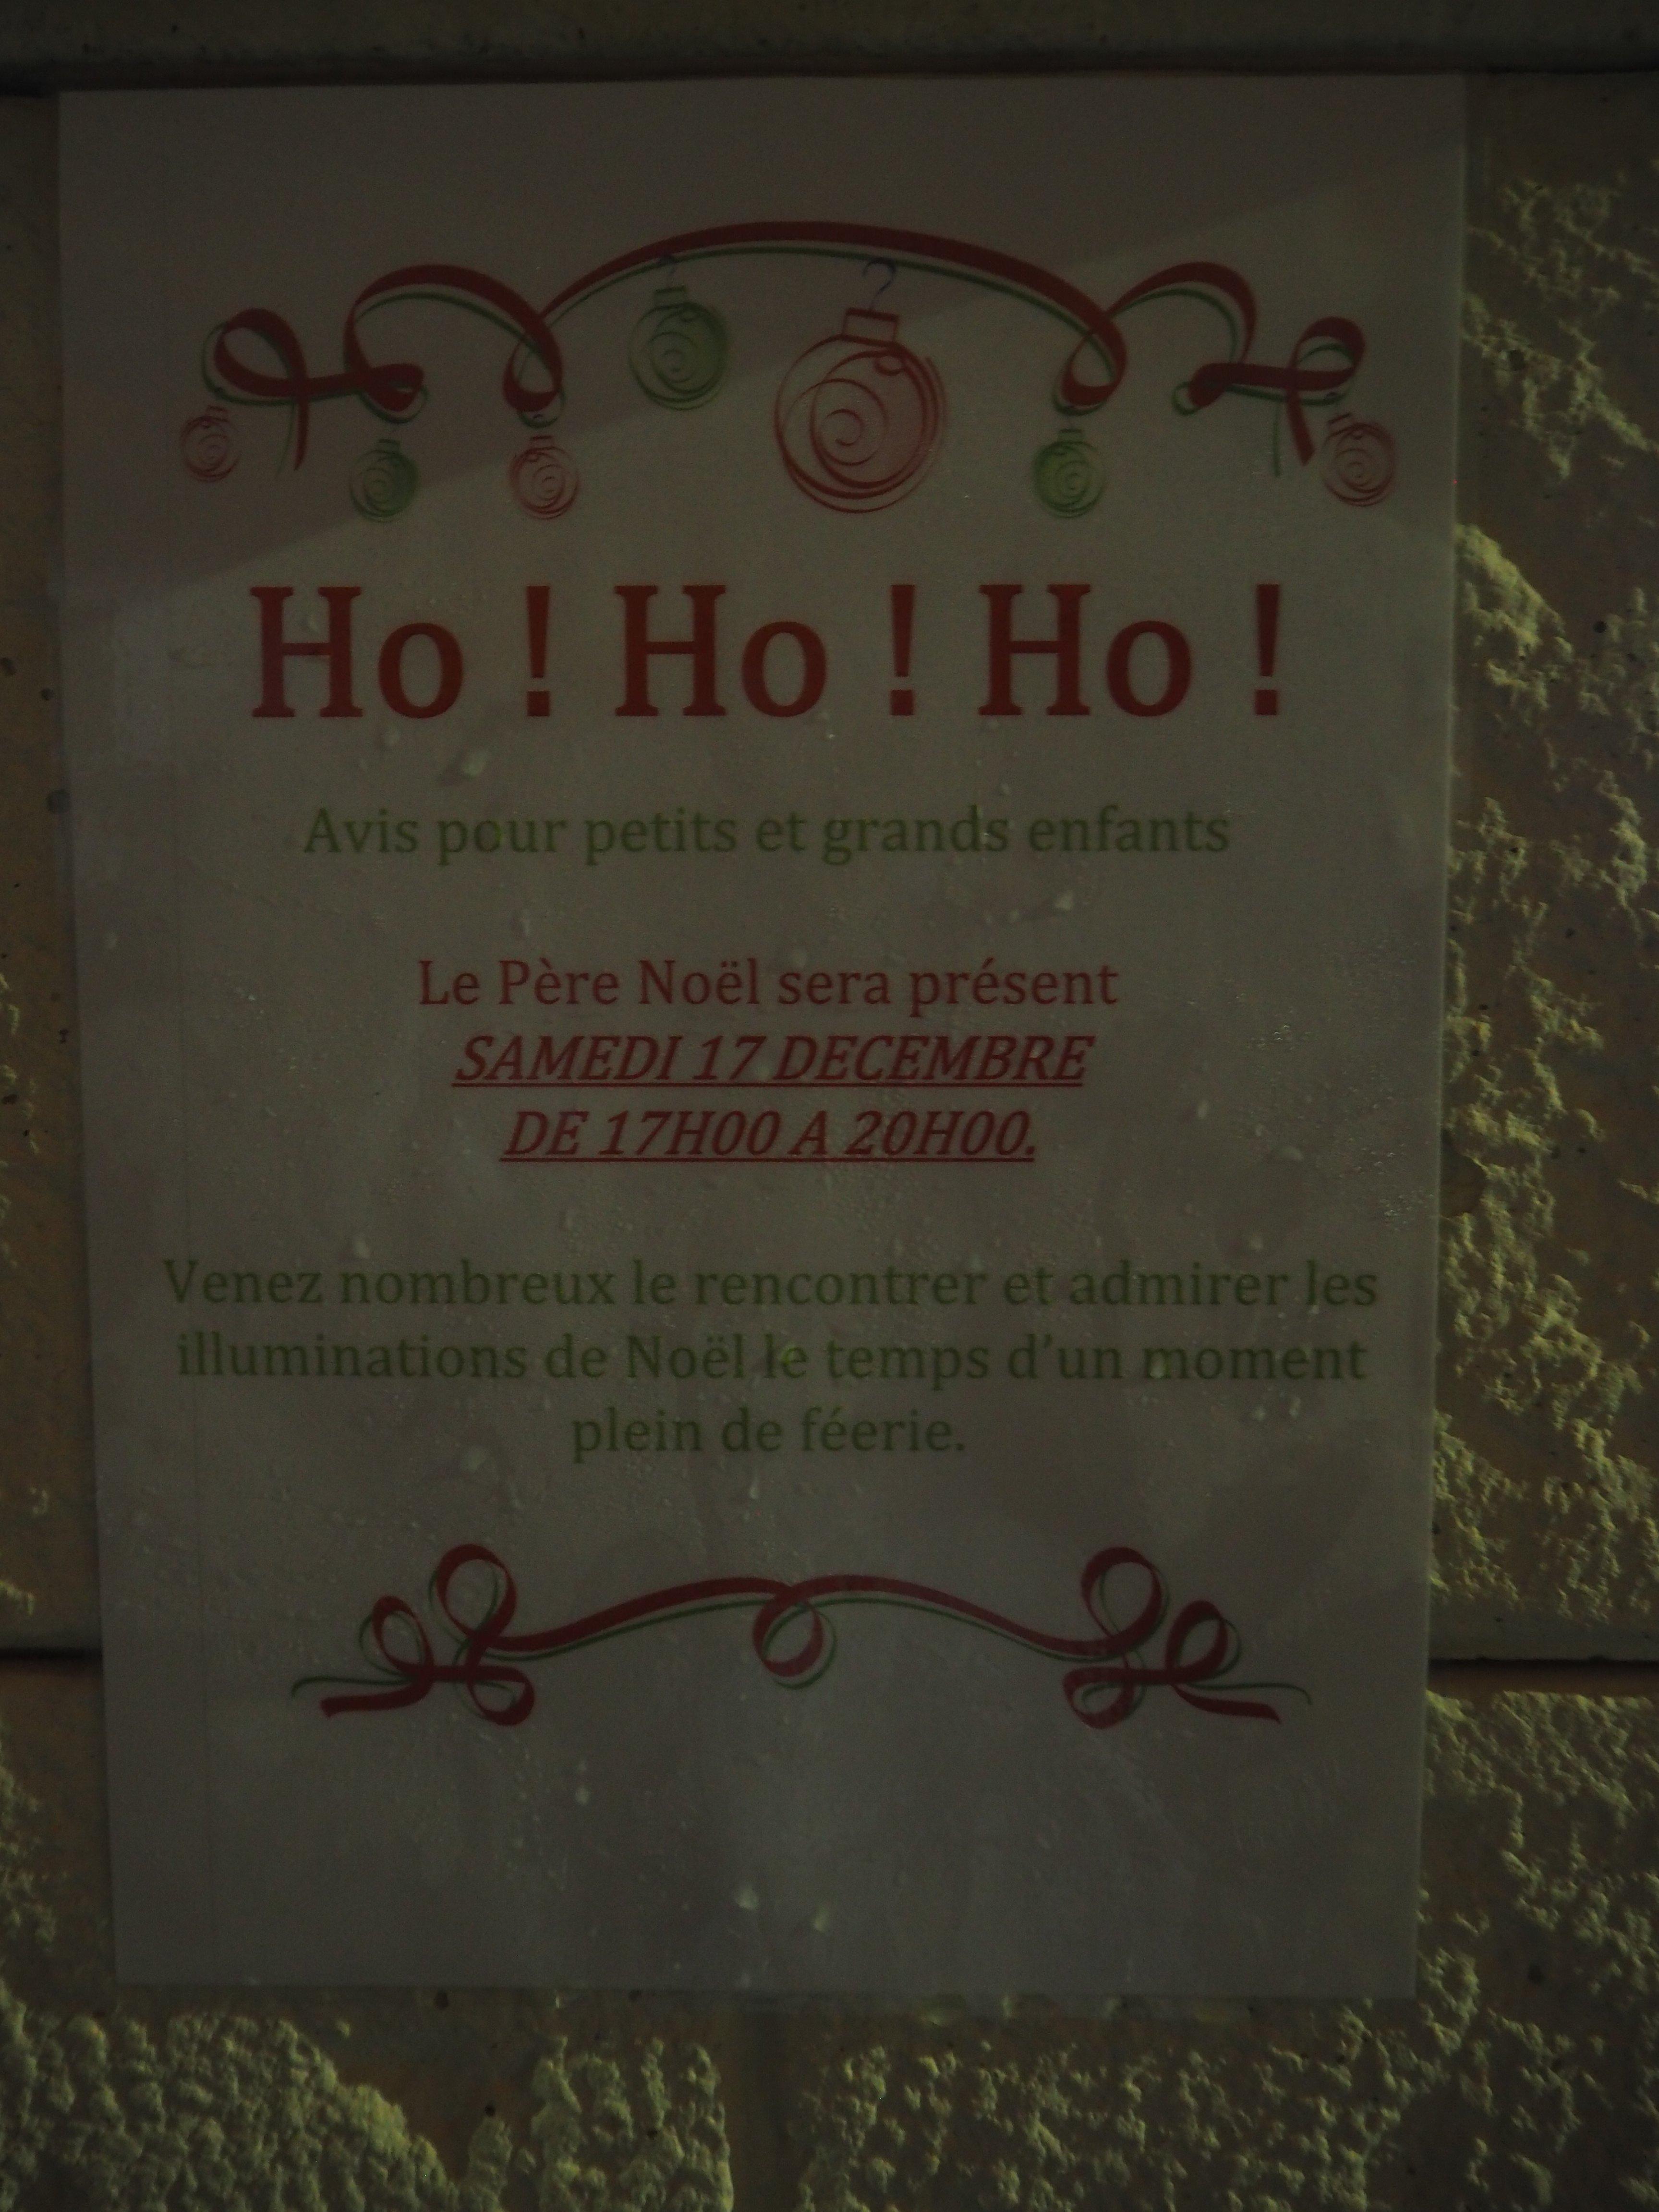 Avis de passage du Père Noël